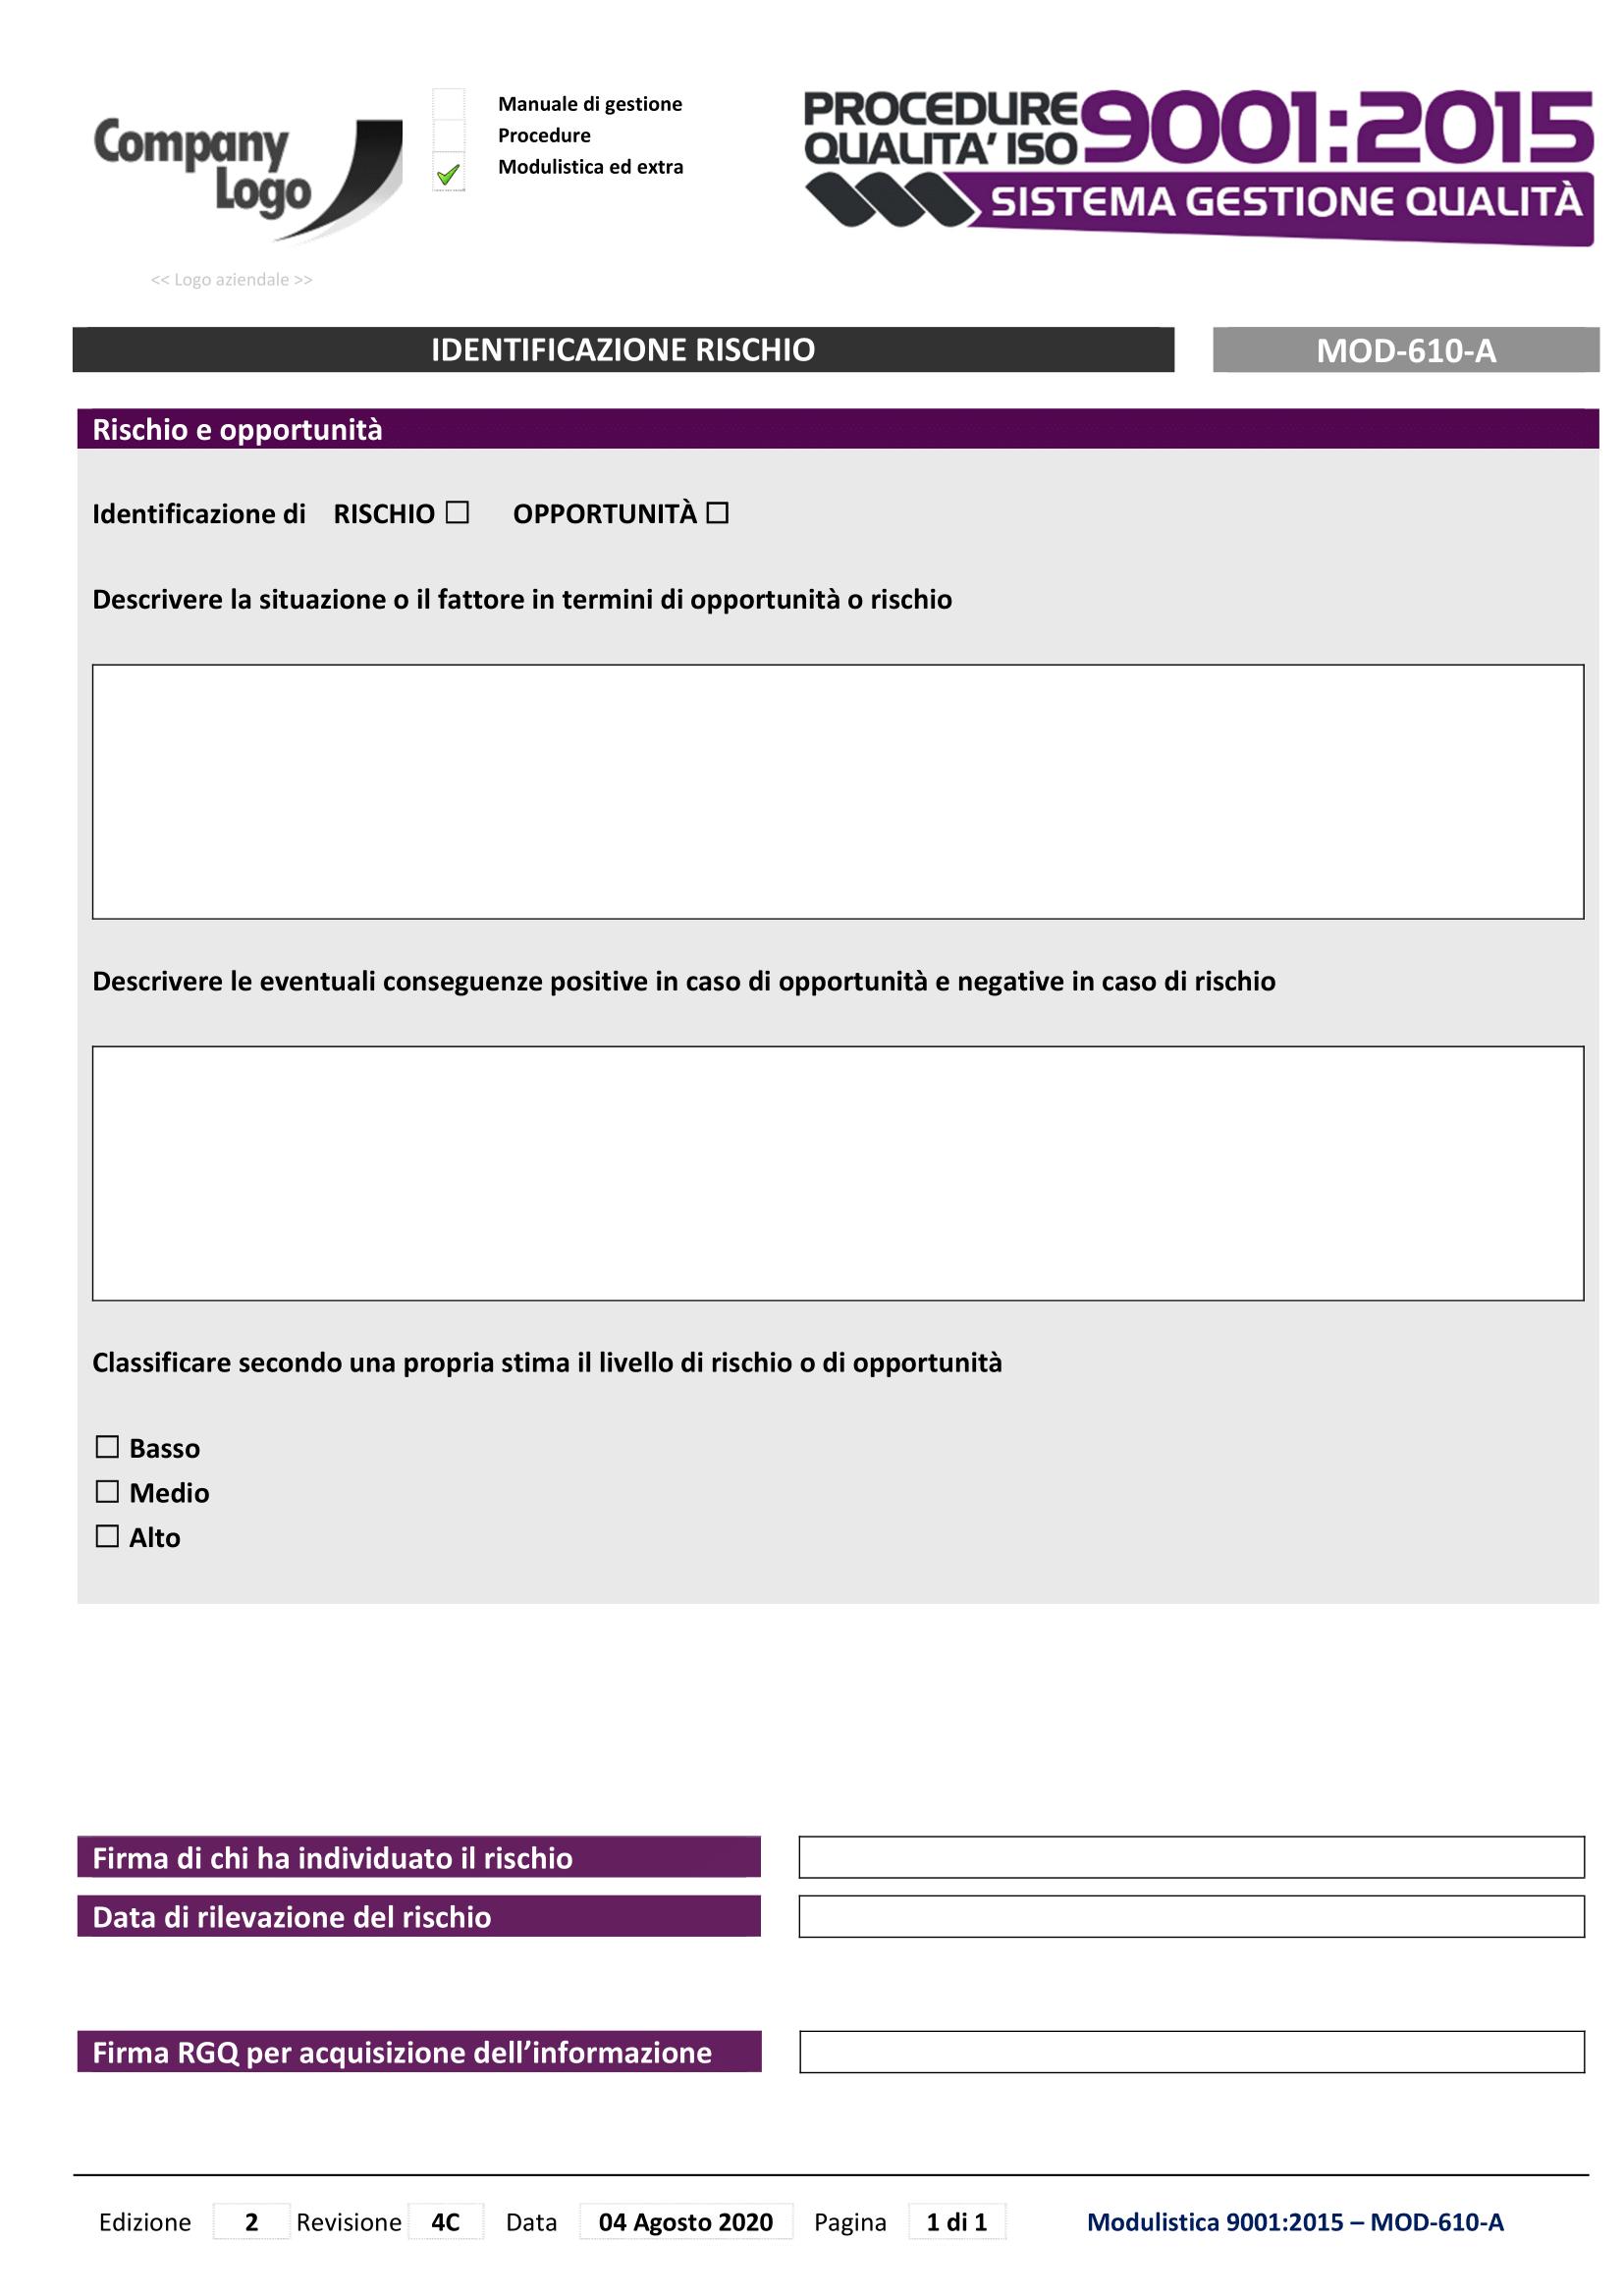 10.ESEMPIO-KIT-ISO-9001-2015-EDIZIONE-2020-MODELLO-RISCHIO-OPPORTUNITA